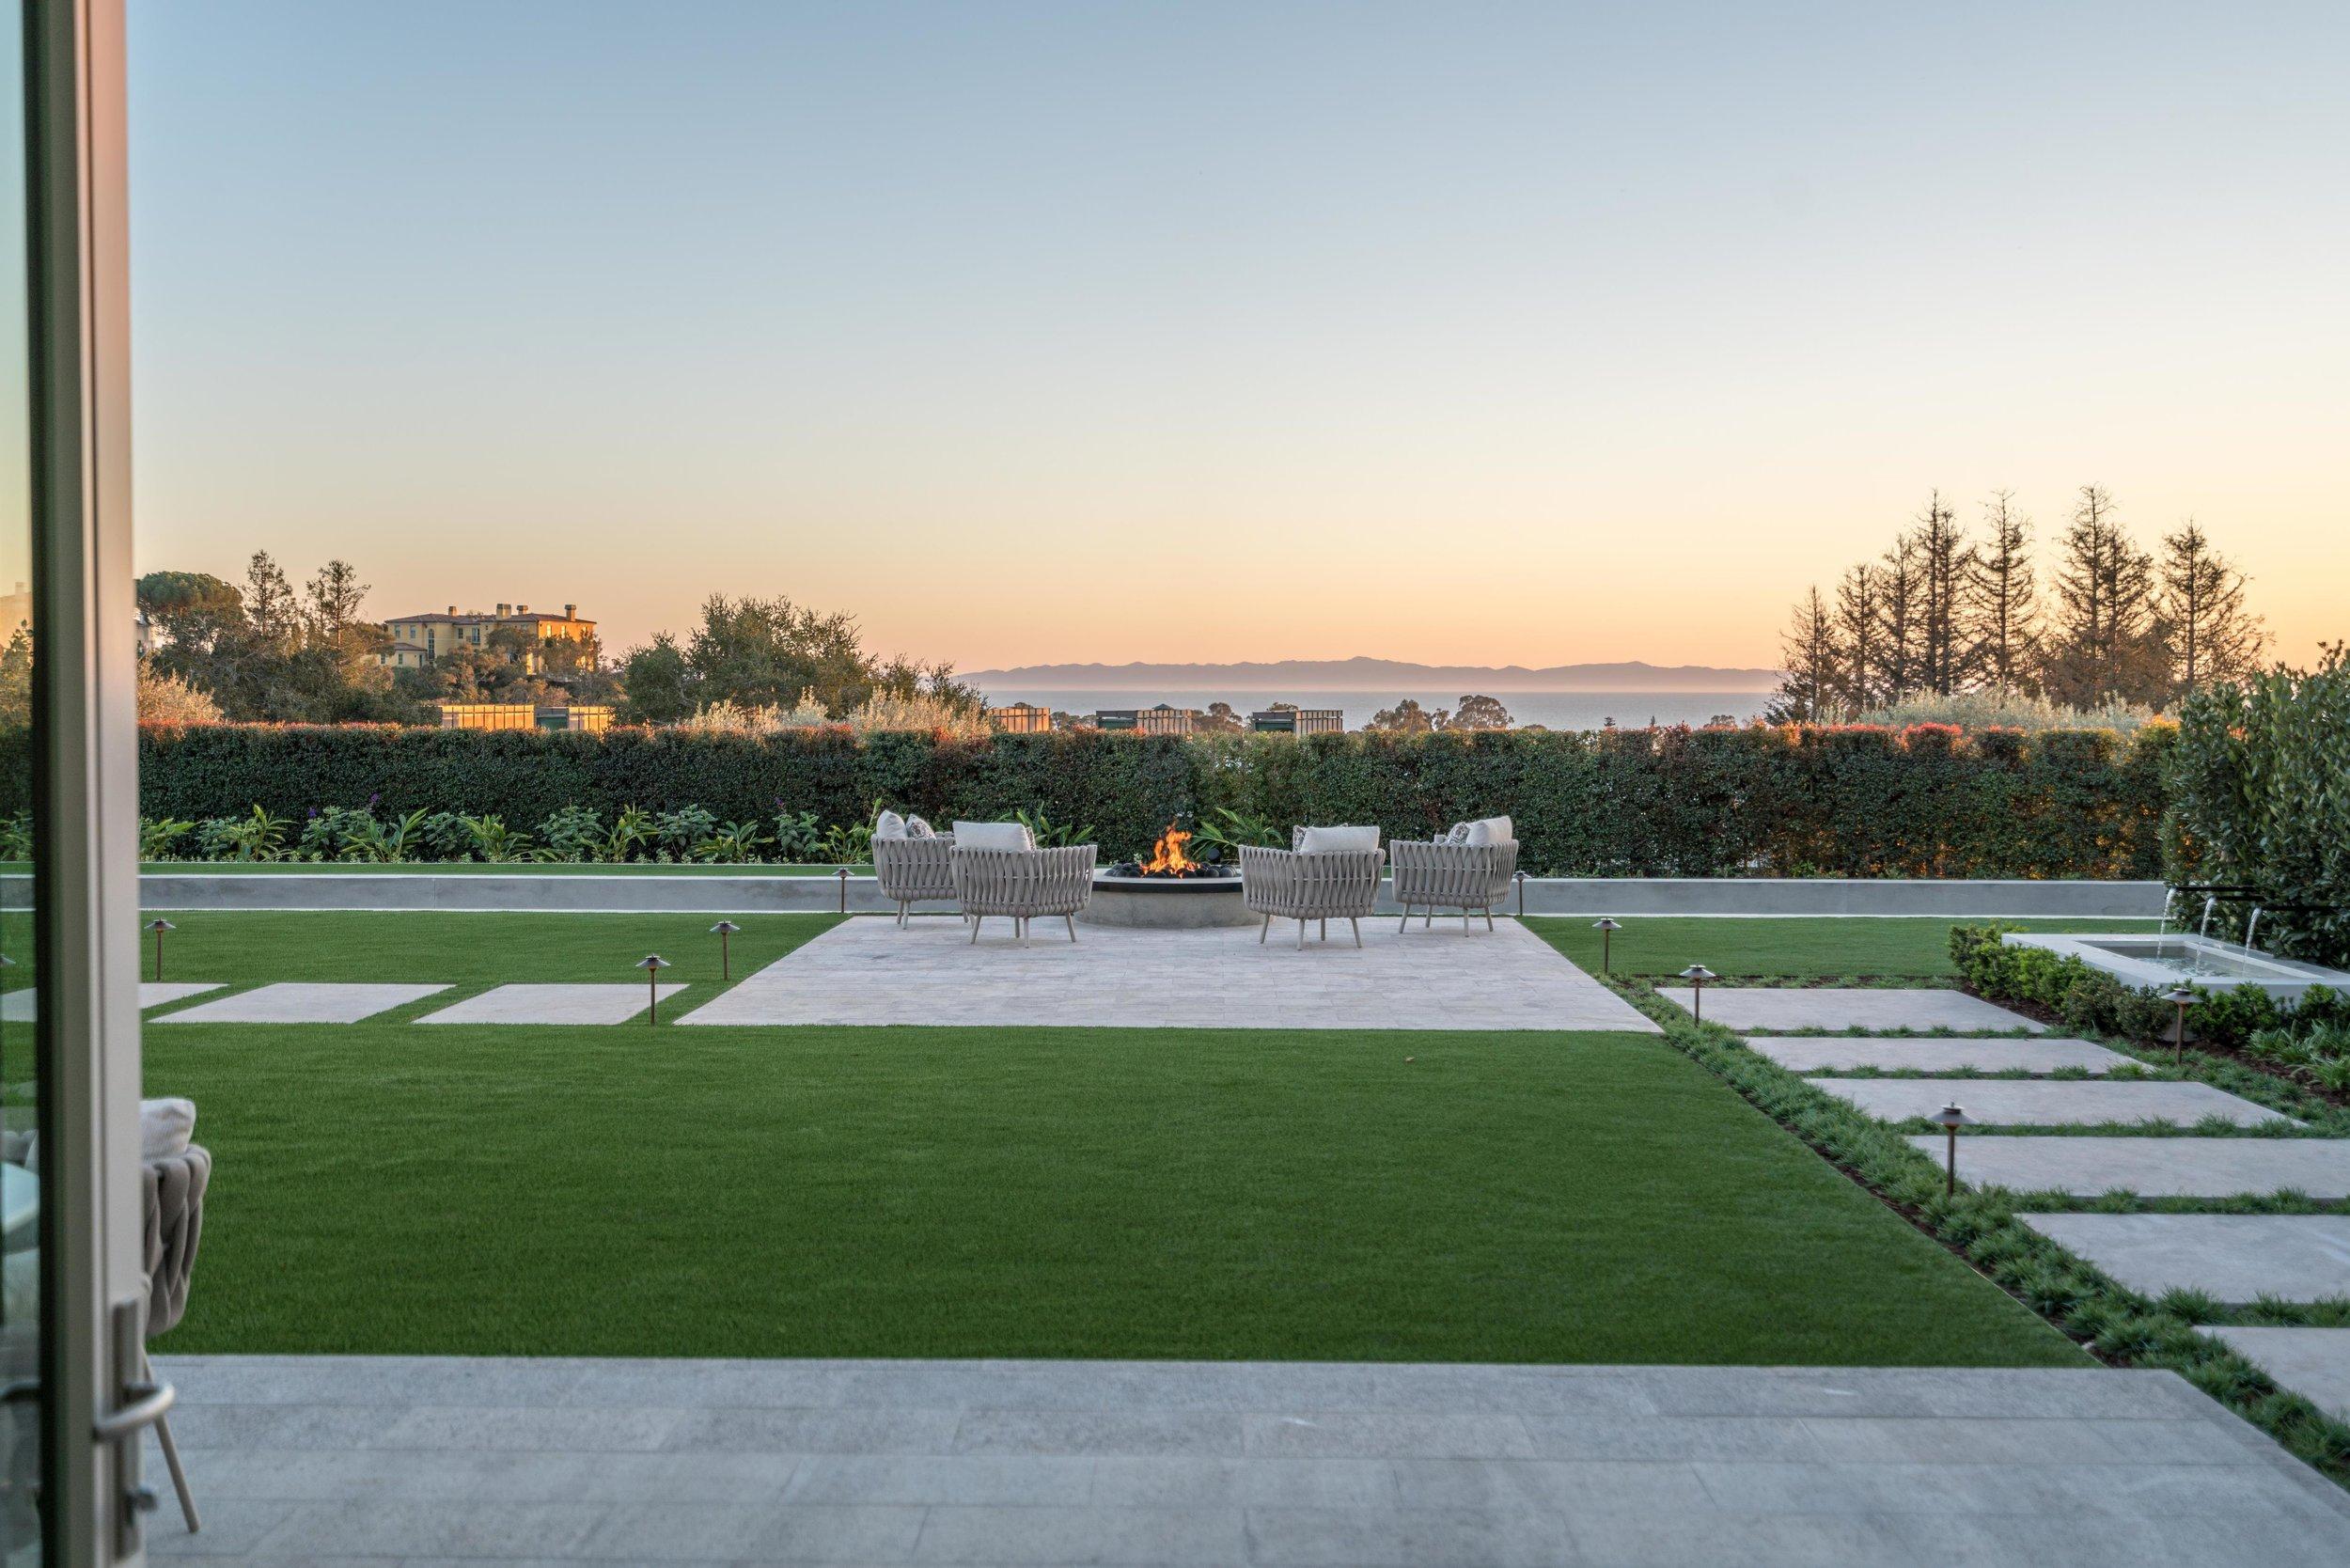 Cape Cod Montecito Arcadia Studio Landscape Architecture